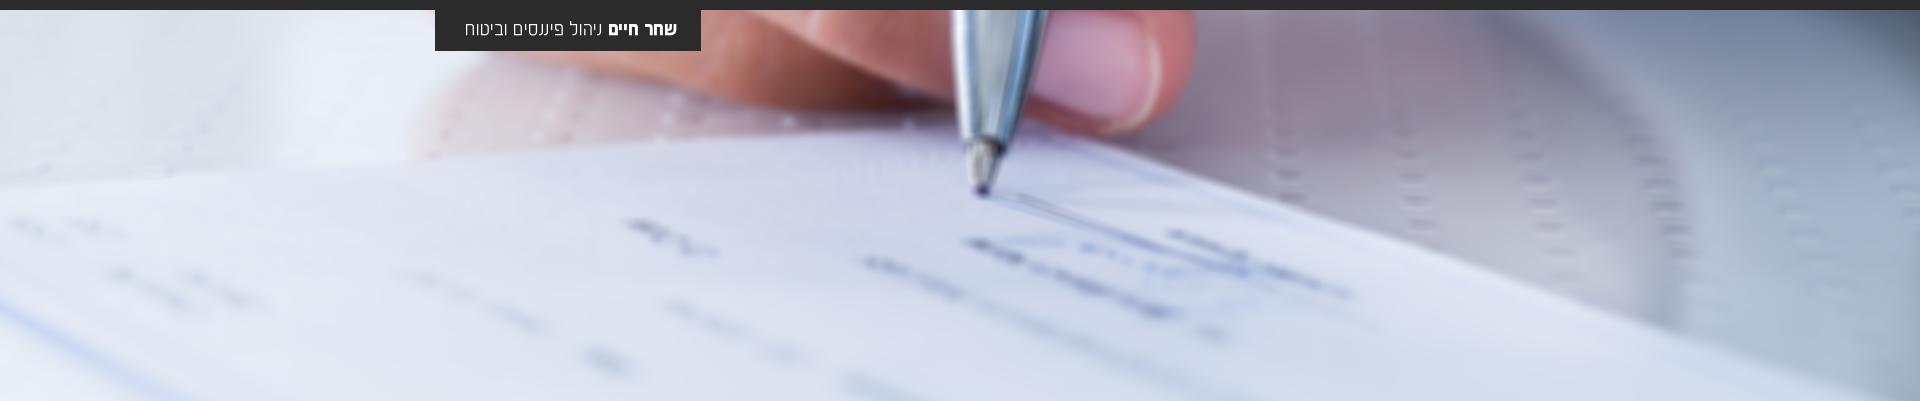 בדיקת כפל ביטוחים - דלתא פיננסים